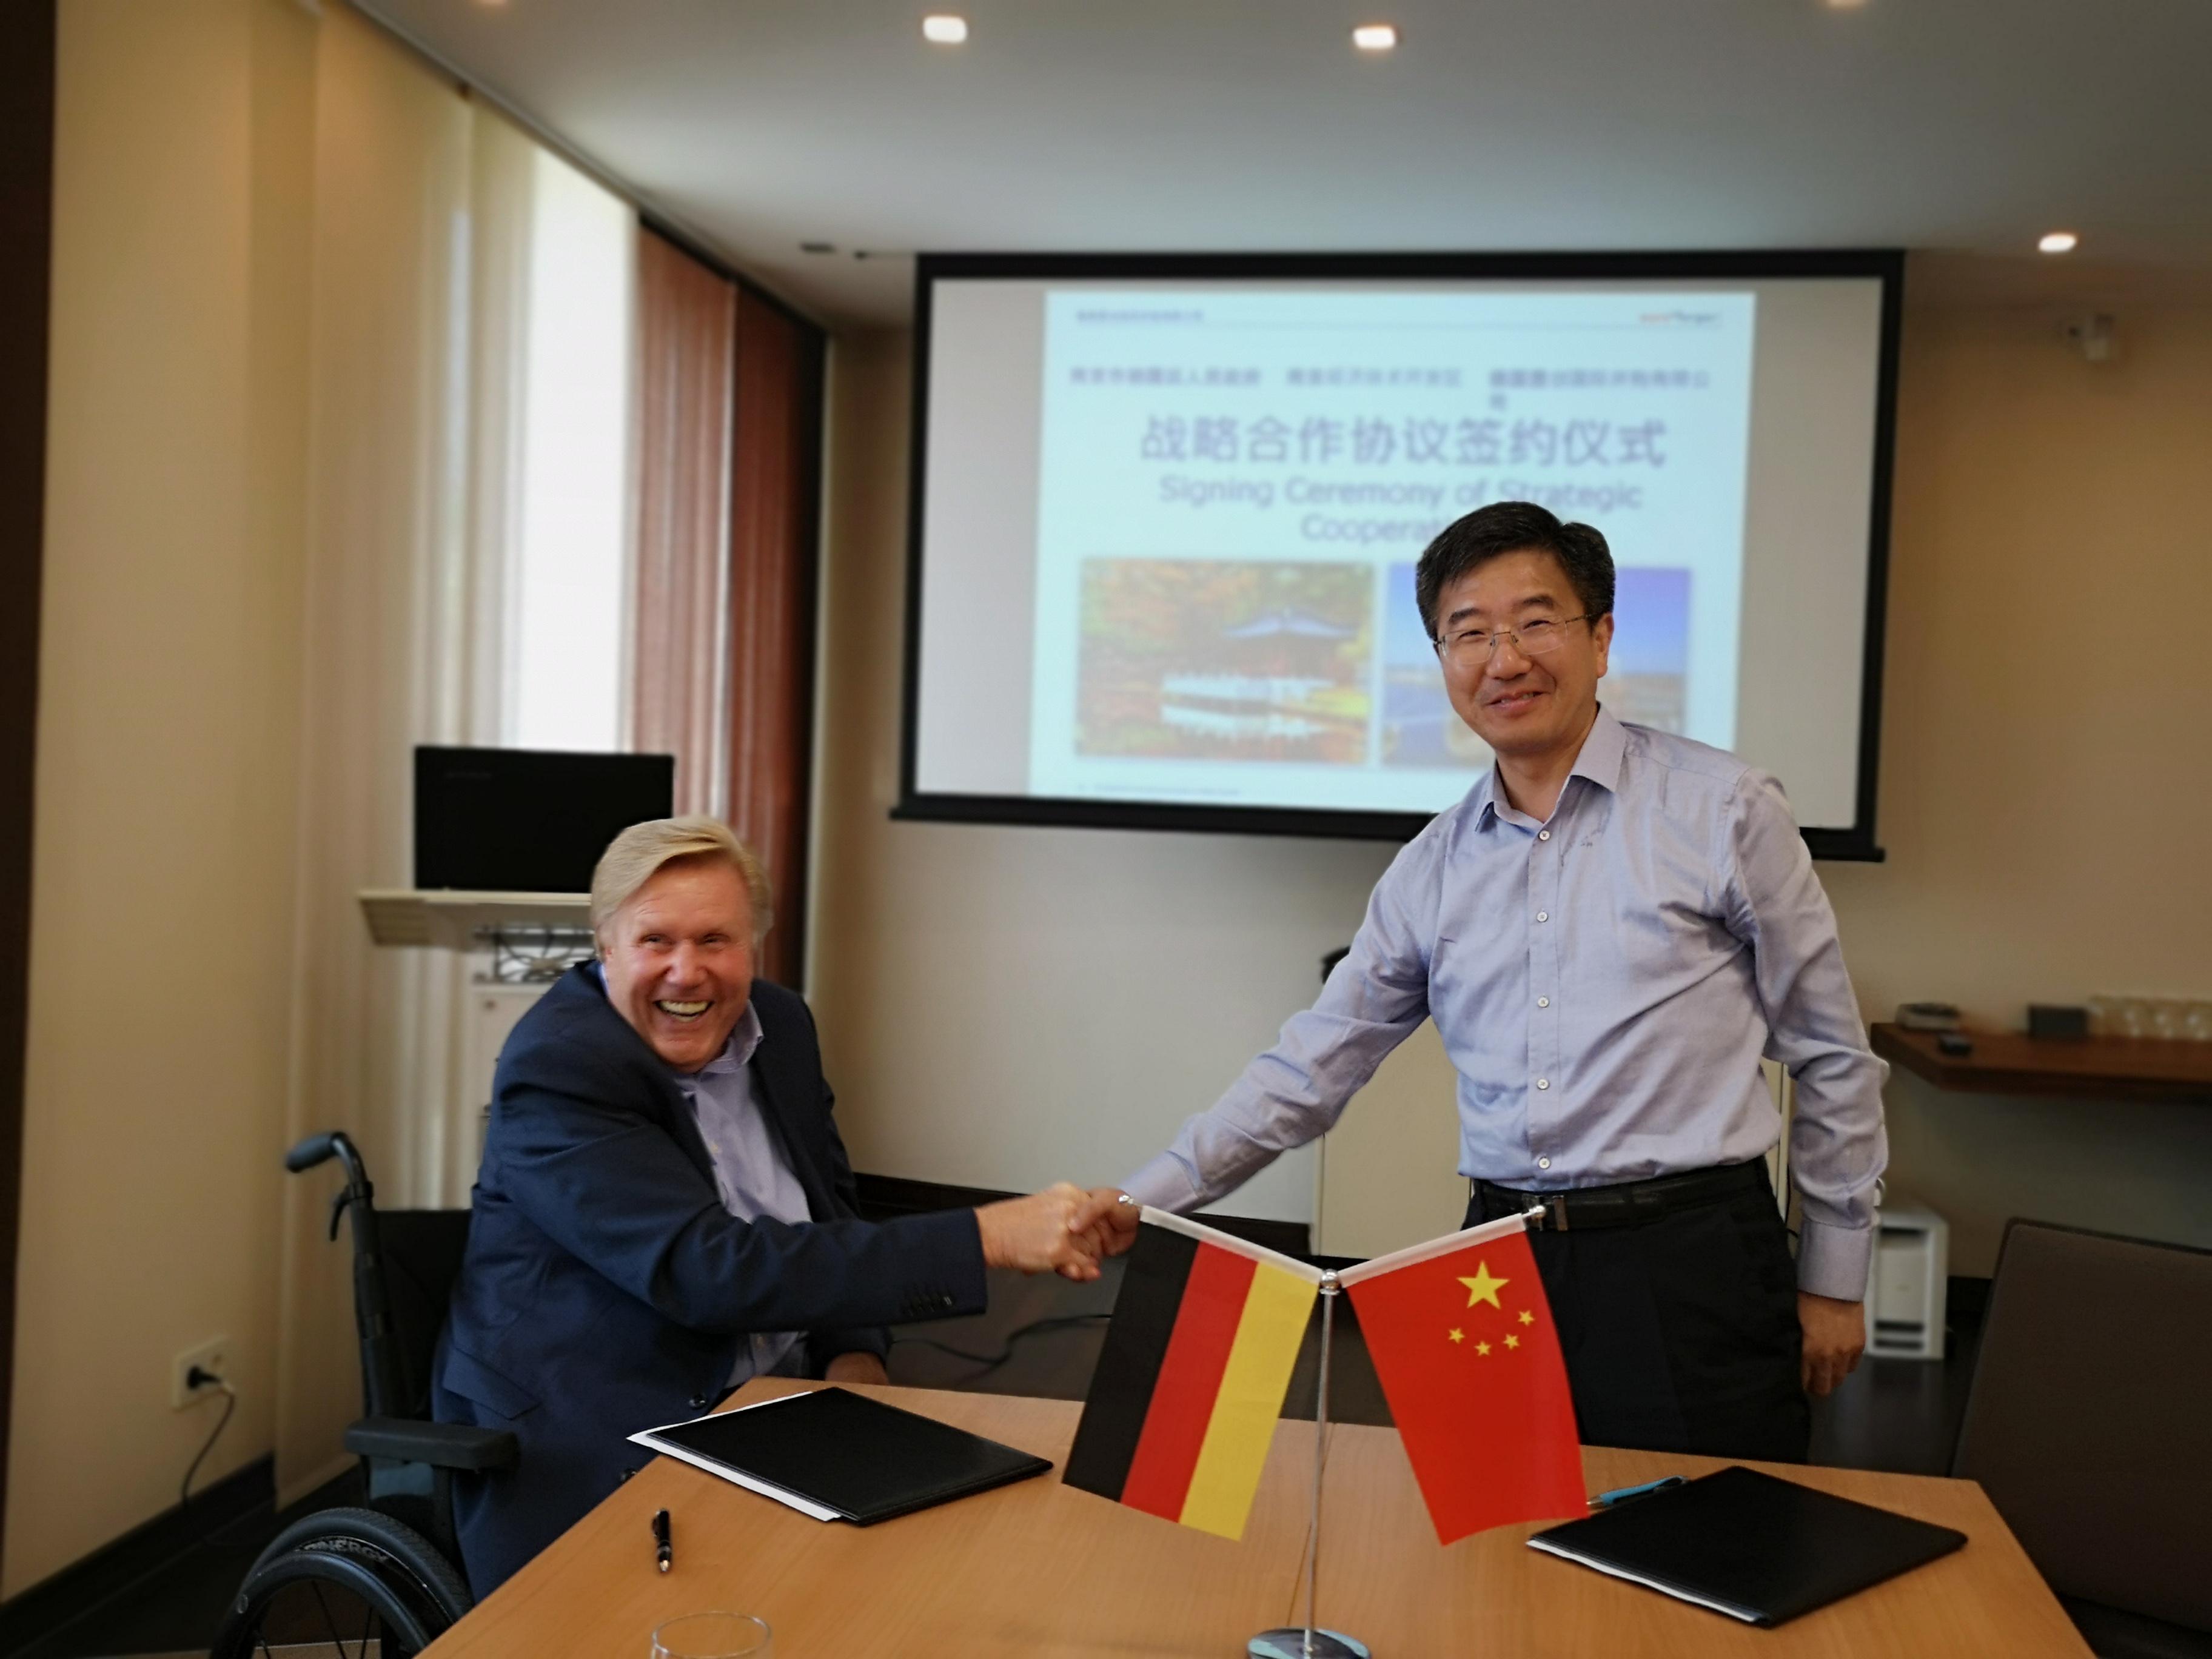 德国茵创并购链接南京栖霞,打造中德投资并购重要纽带